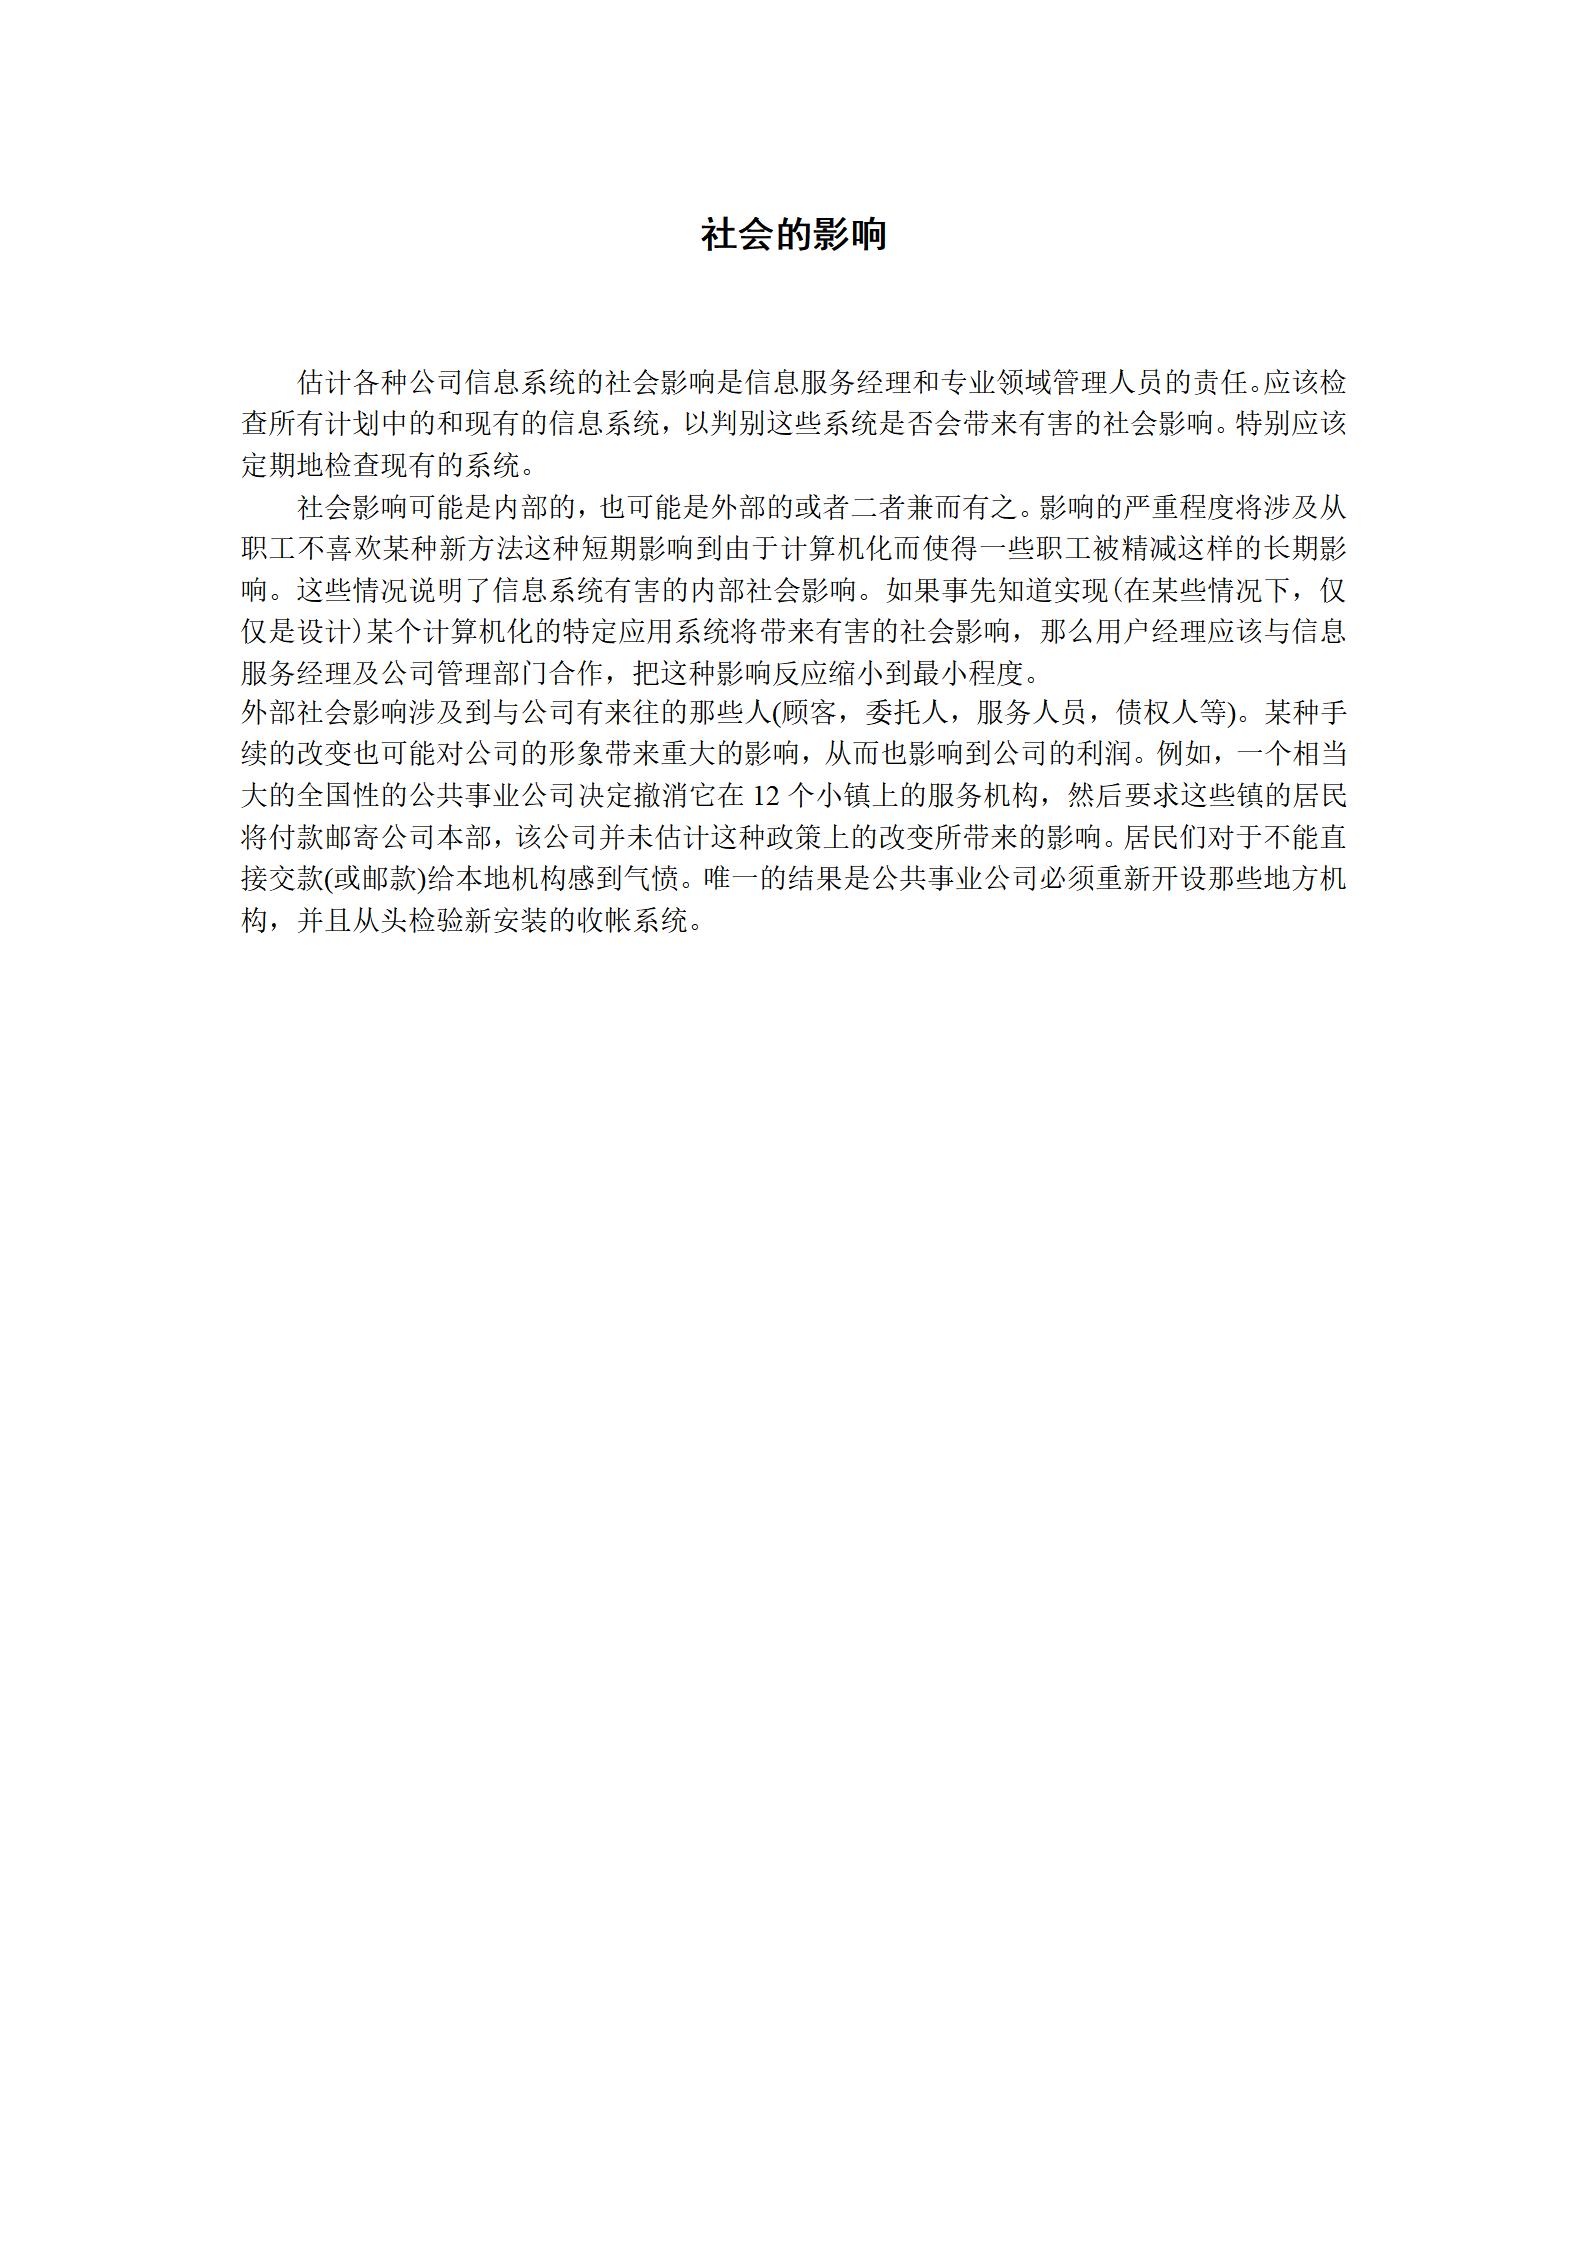 企业信息管理制度-管理信息系统之社会的影响_01.png